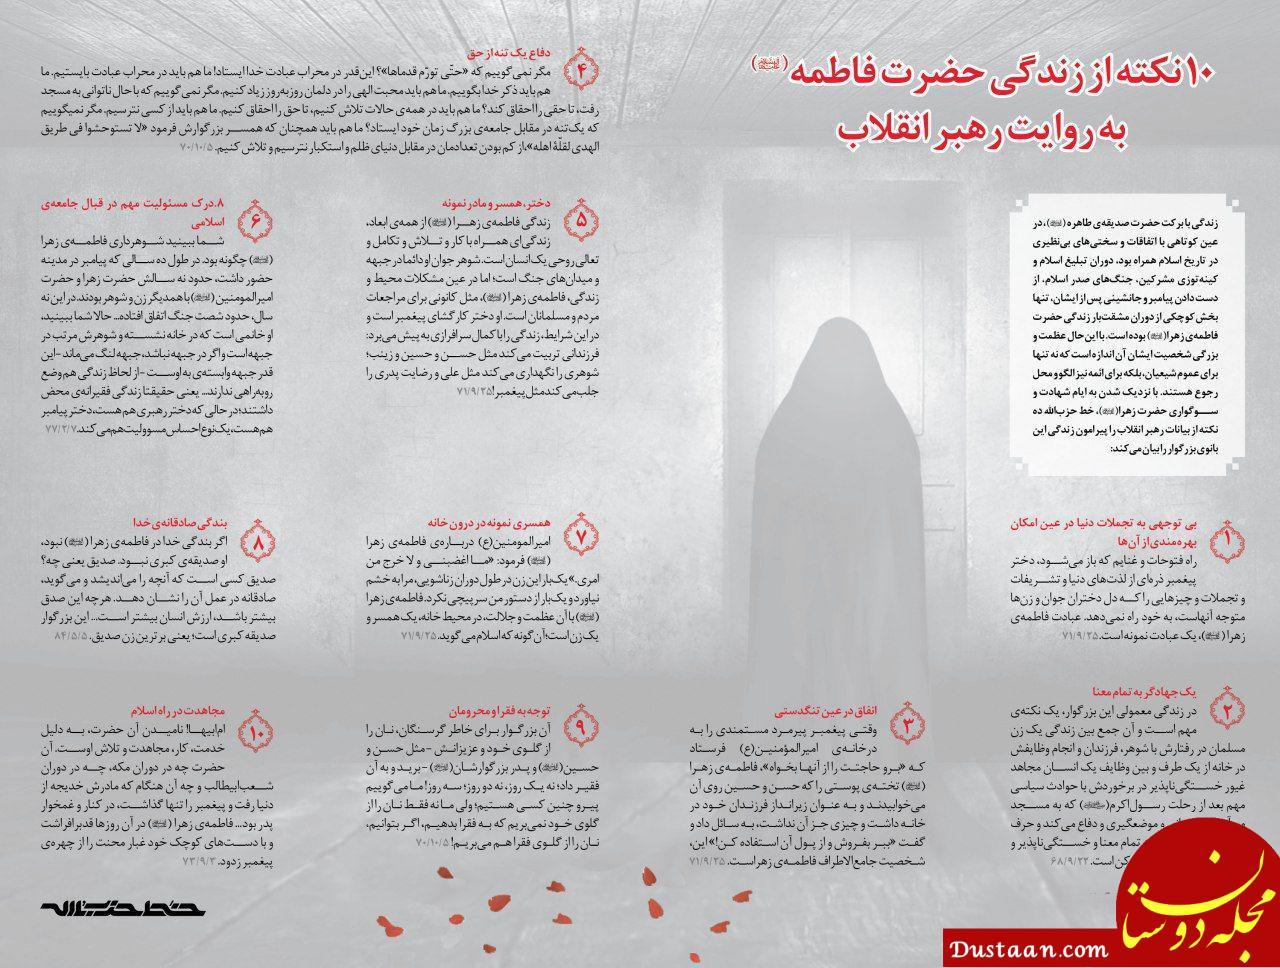 www.dustaan.com ۱۰ نکته از زندگی حضرت فاطمه (س) به روایت رهبر انقلاب